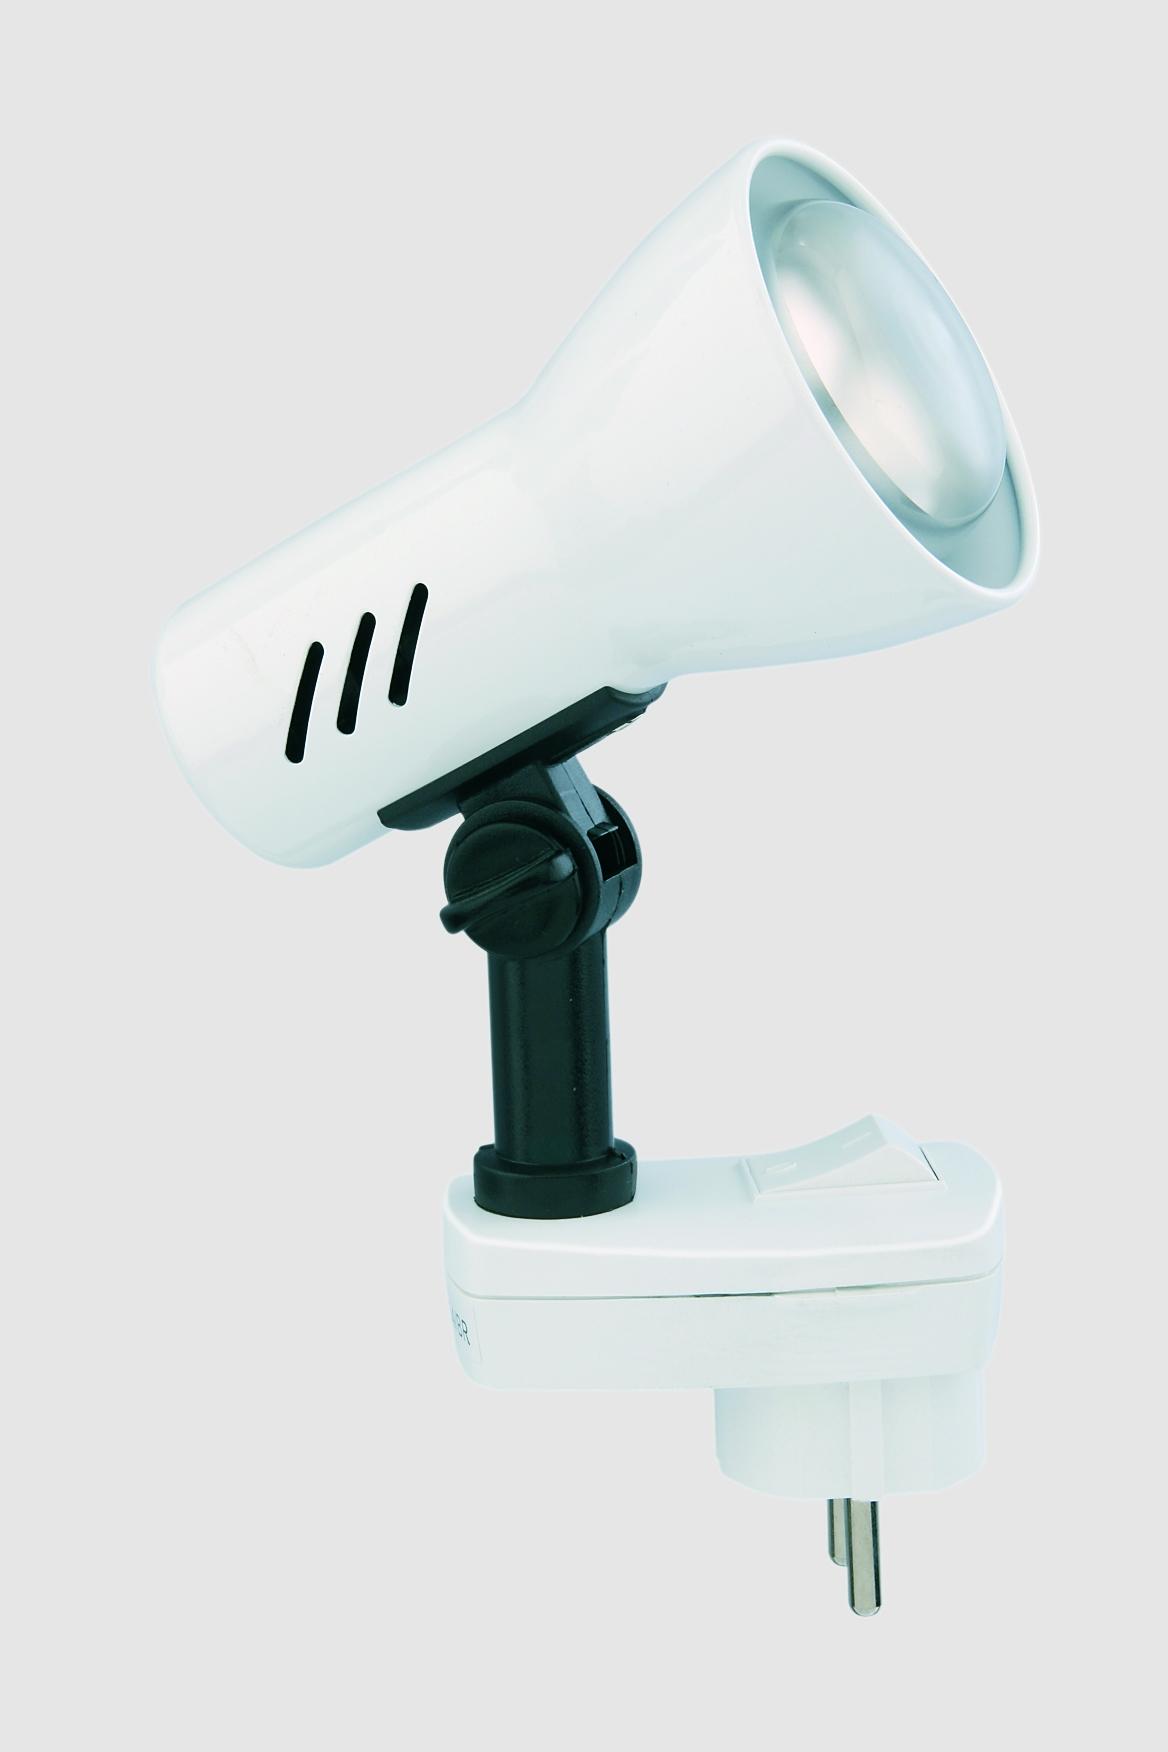 Briloner Tulsta (Farbe Weiß), 2763-016P